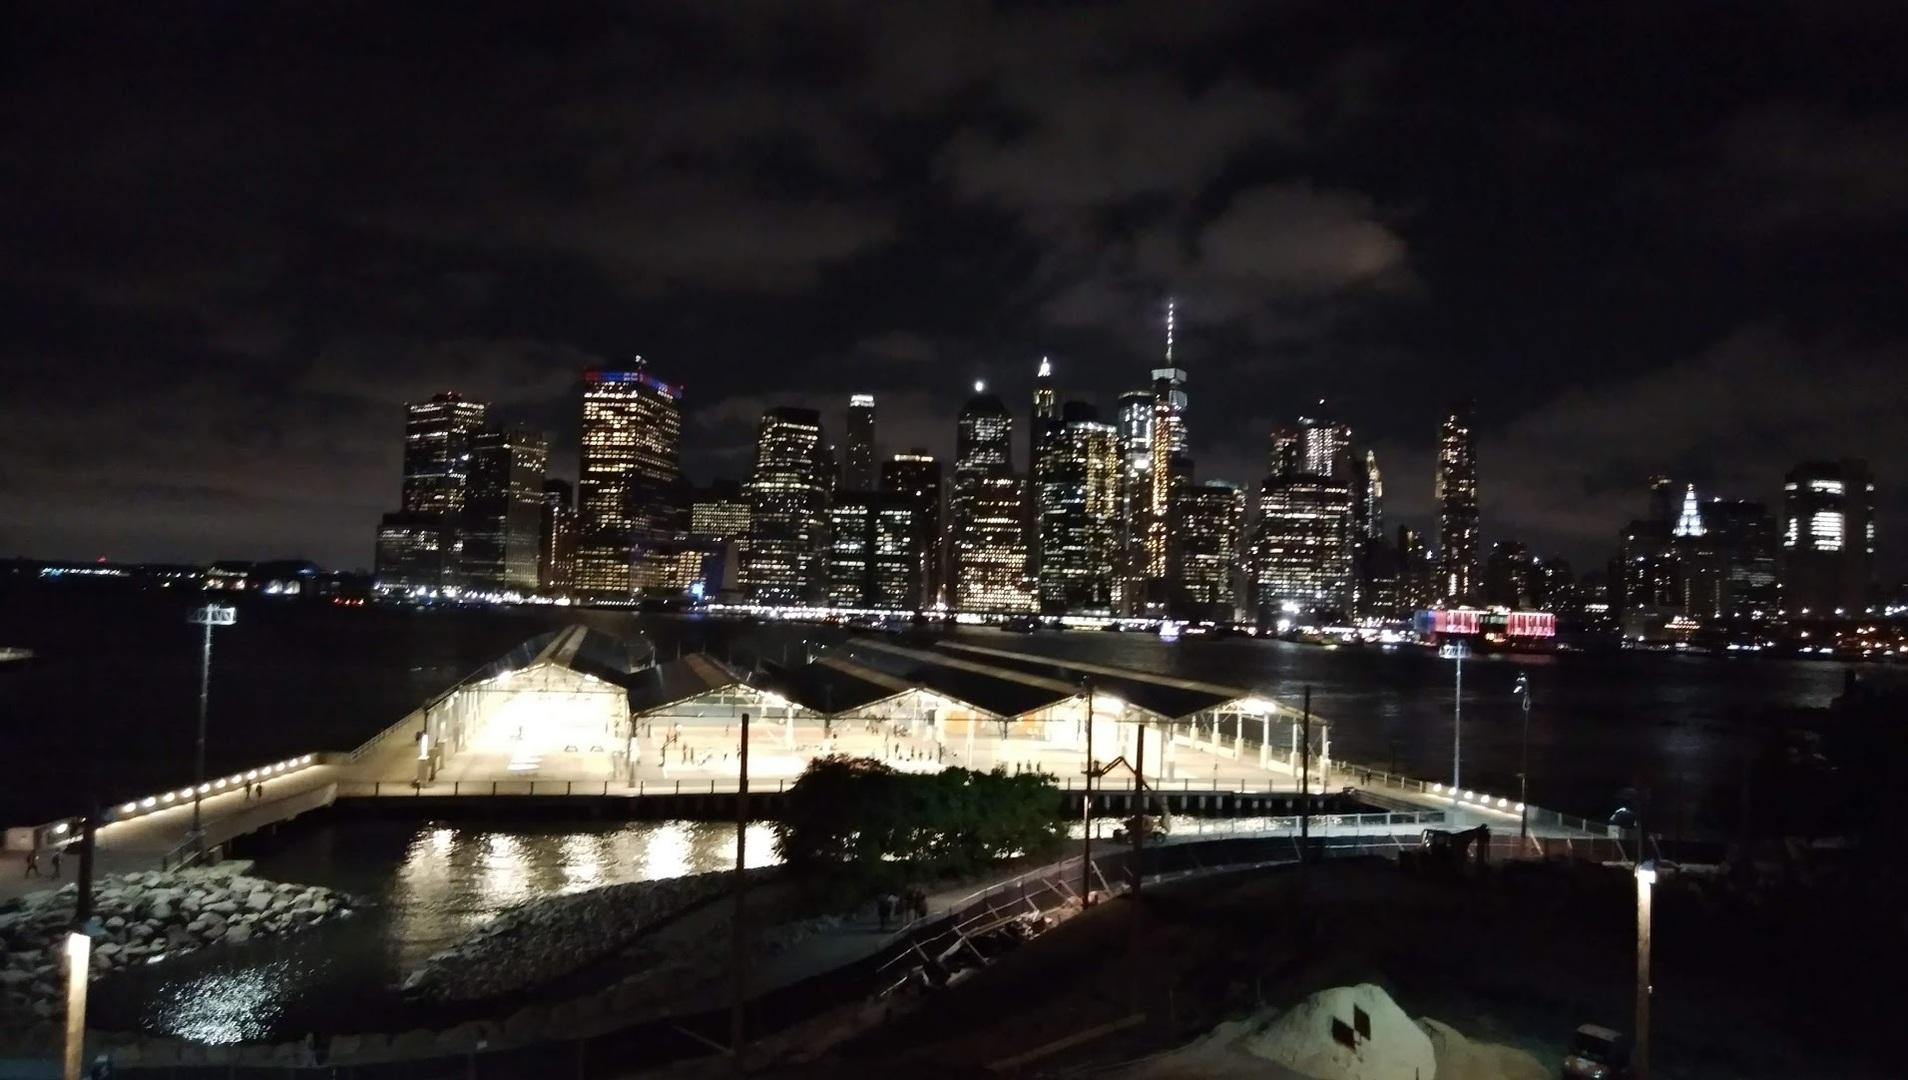 ブルックリン側からマンハッタンを見たくてこのツアーに参加しました。映画やドラマに出てくるような綺麗な夜景をみることができました。